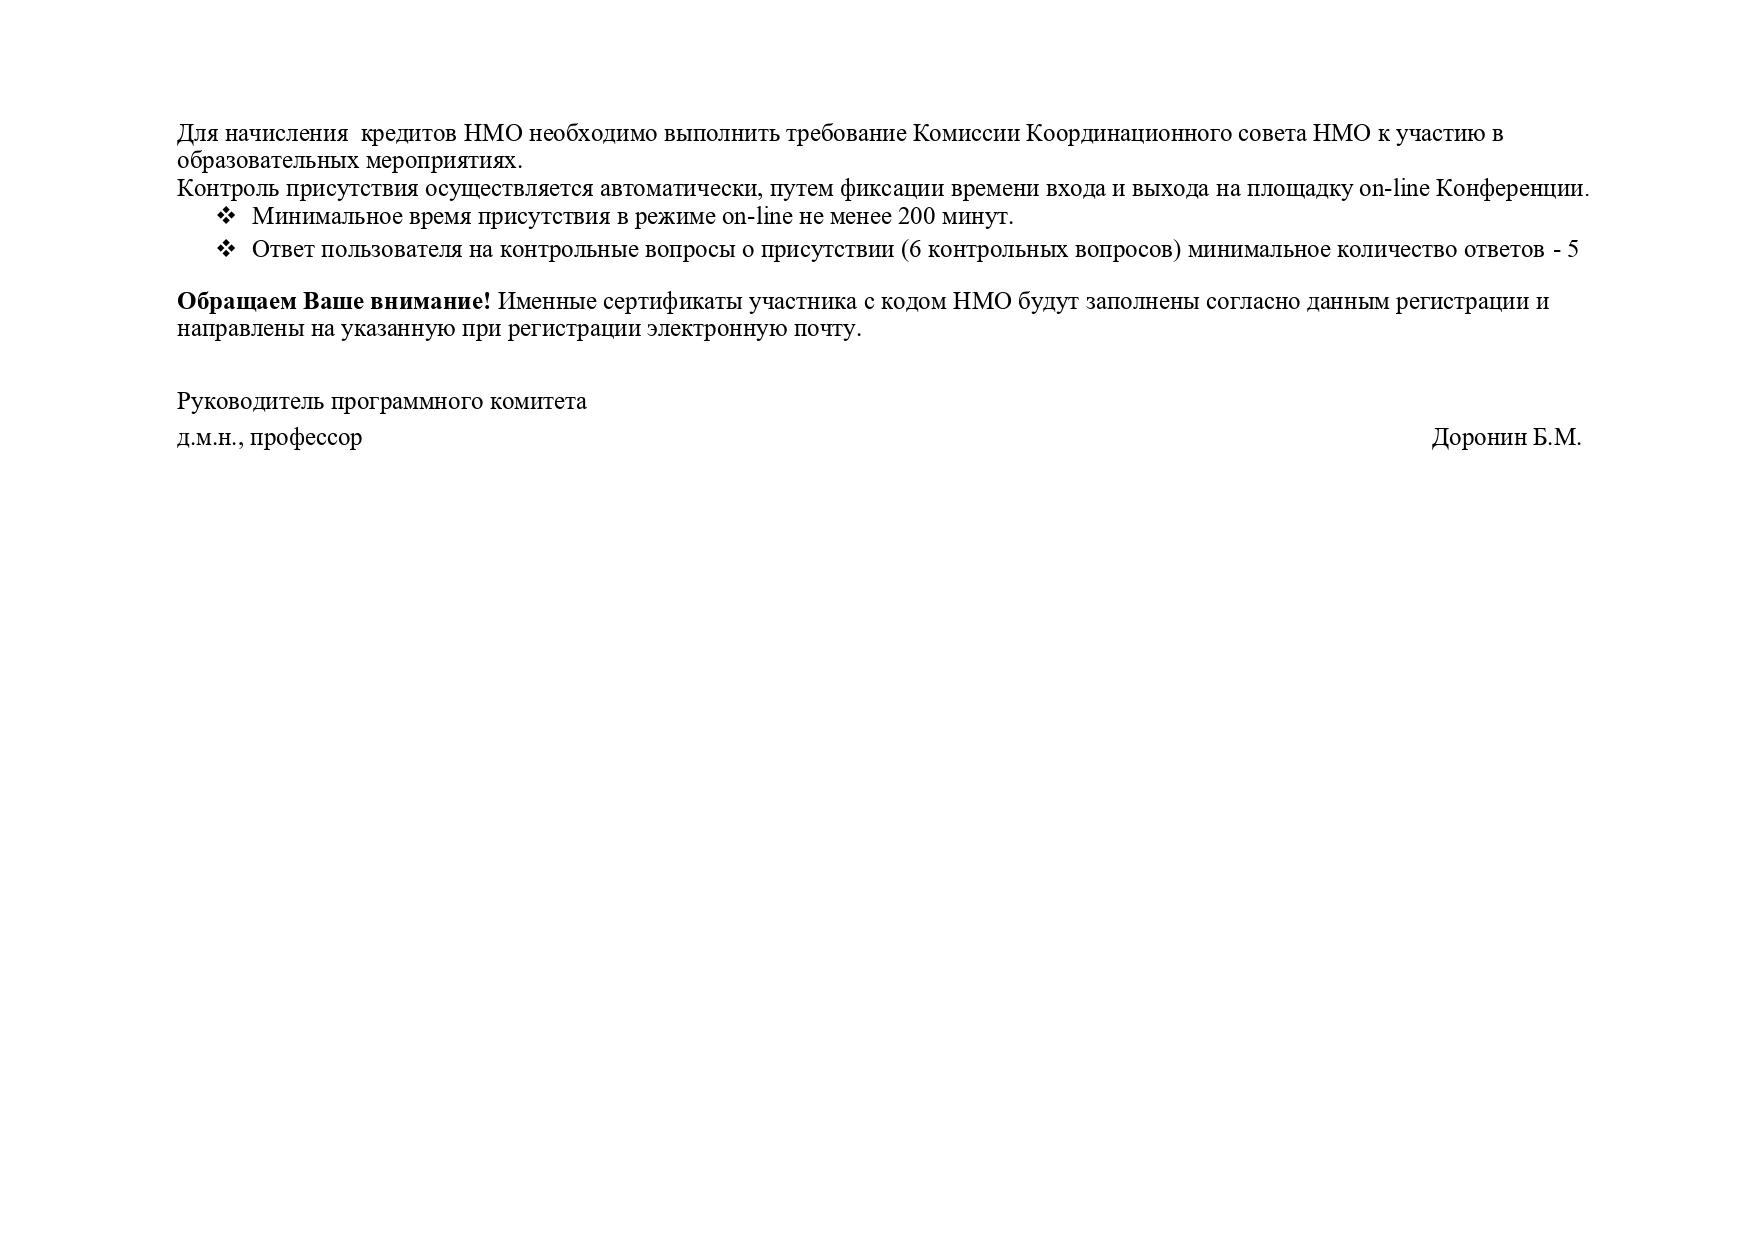 Programma-29.05.21-na-sayt-Novye-pravki-6_page-0004